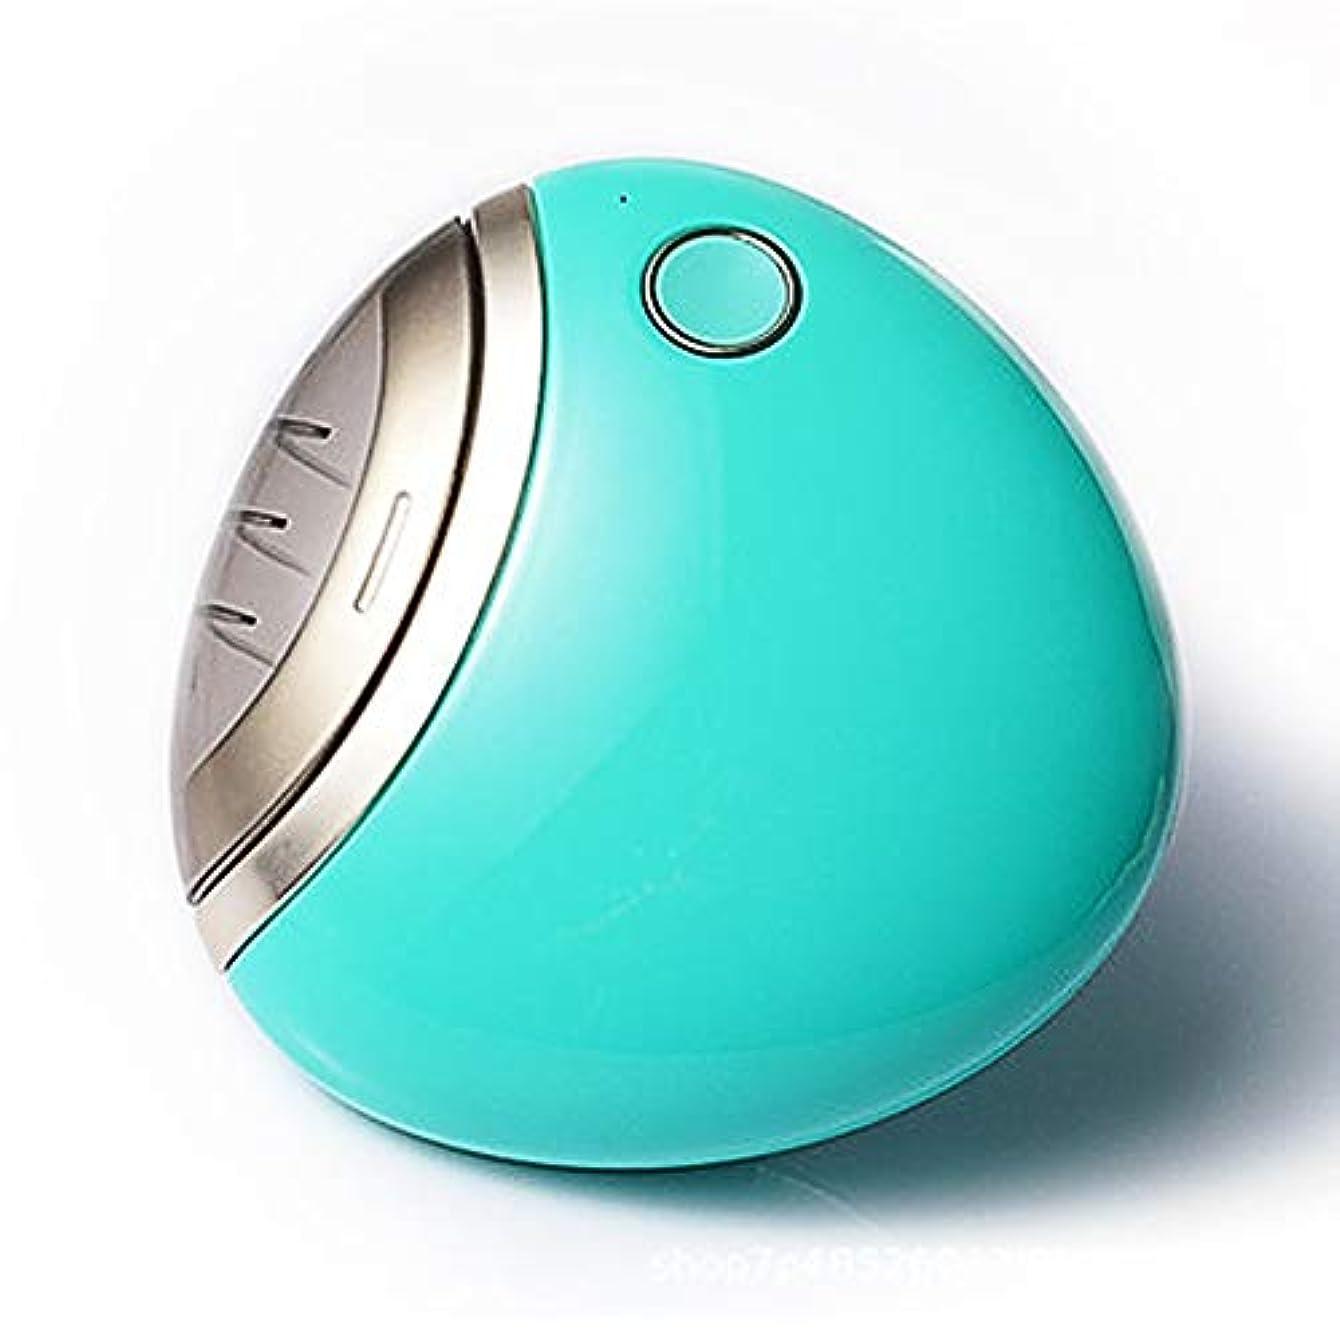 ハロウィン誇り家具電動ネイルクリッパー、充電式自動ネイルクリッパー(500 Mahバッテリー付き)内蔵ネイルデブリボックス安全マニキュアツール,グリーン